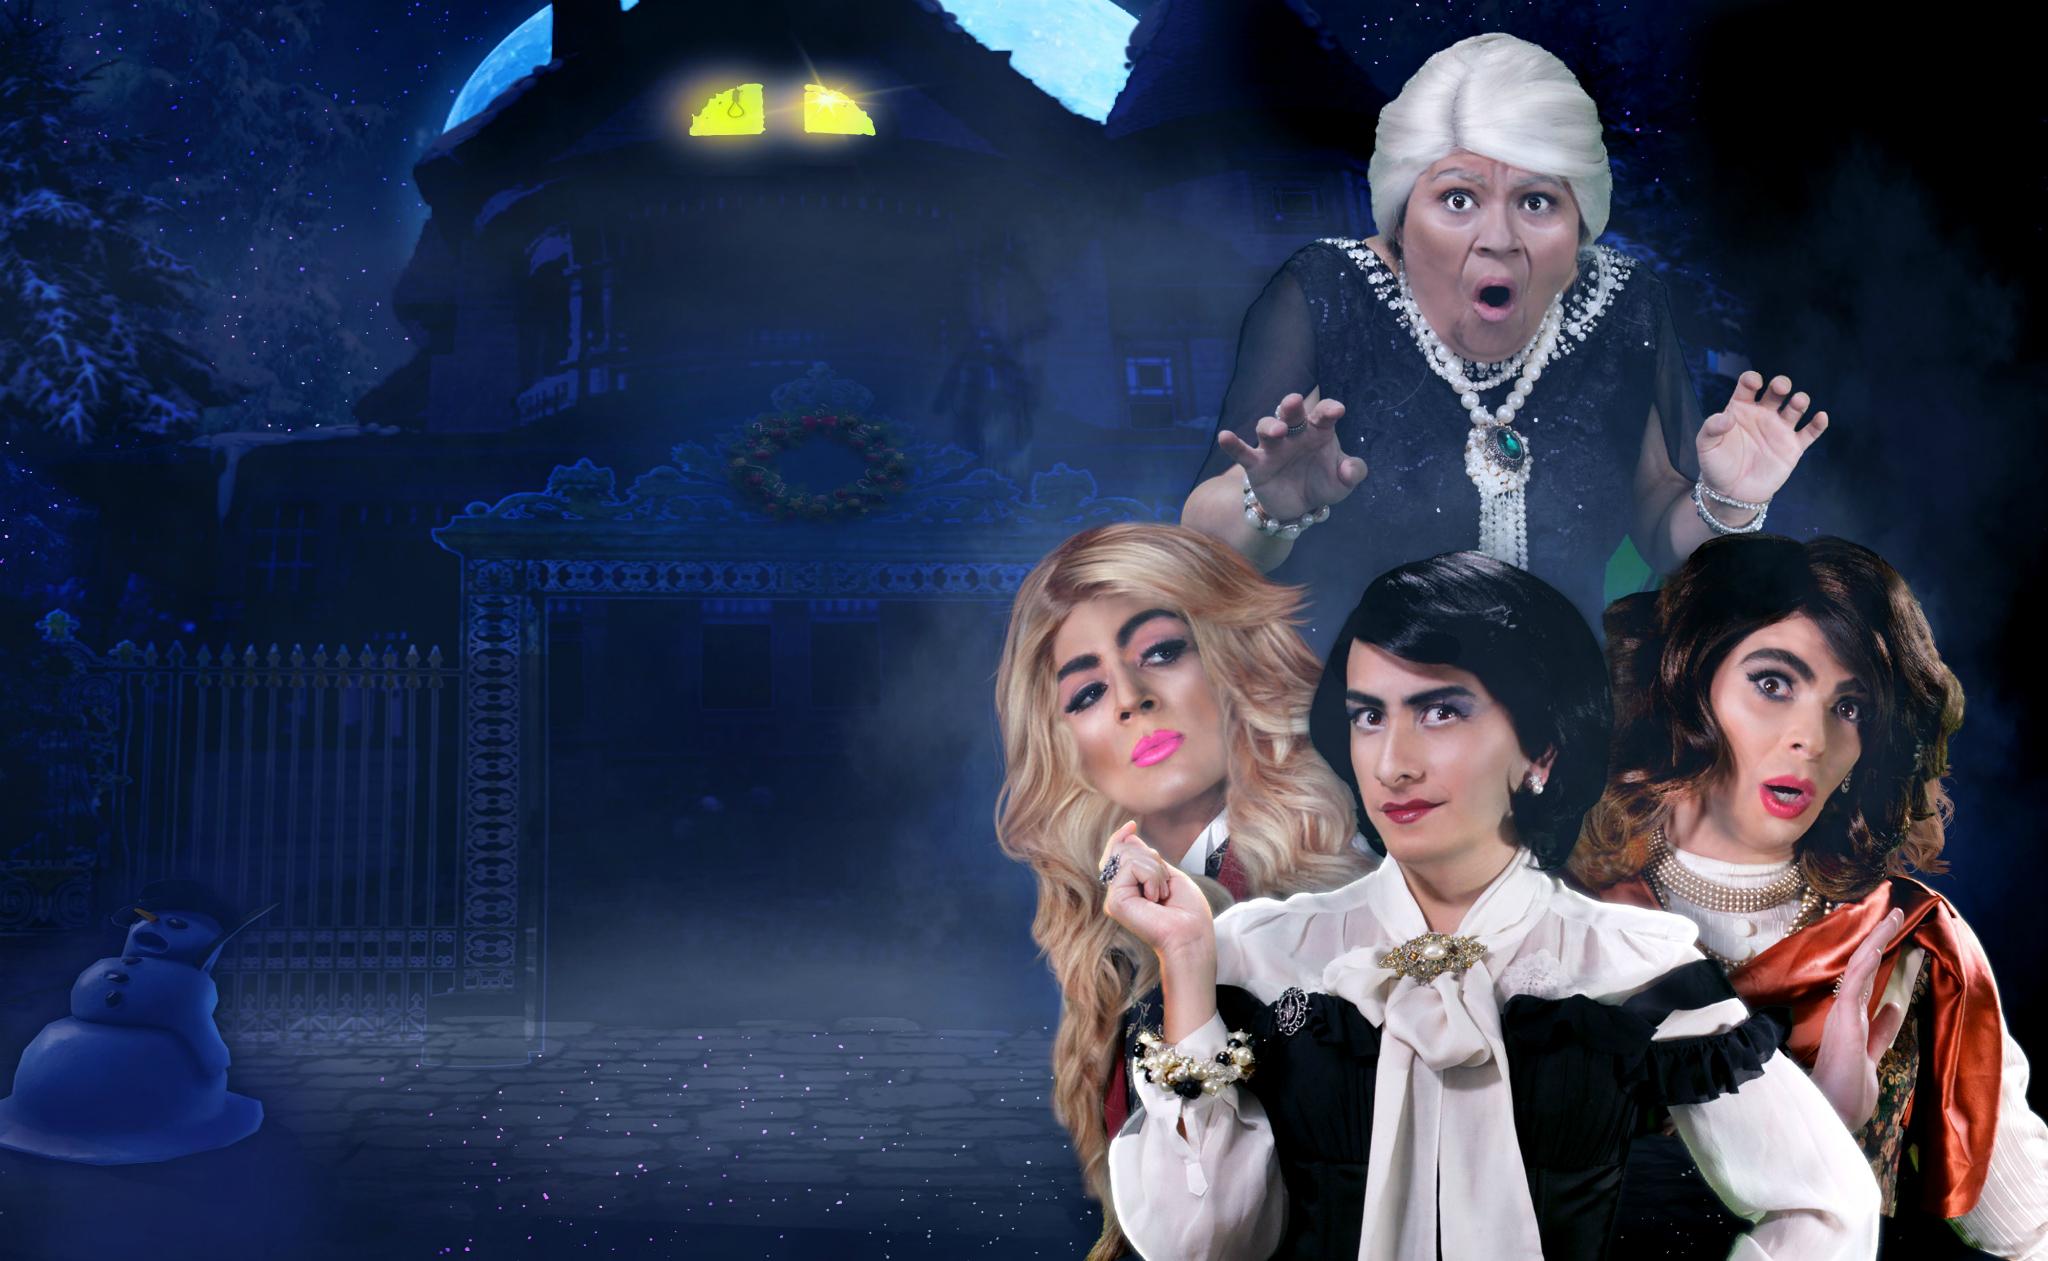 Promocional de la obra de teatro Las mamás presentan una noche de Navidad